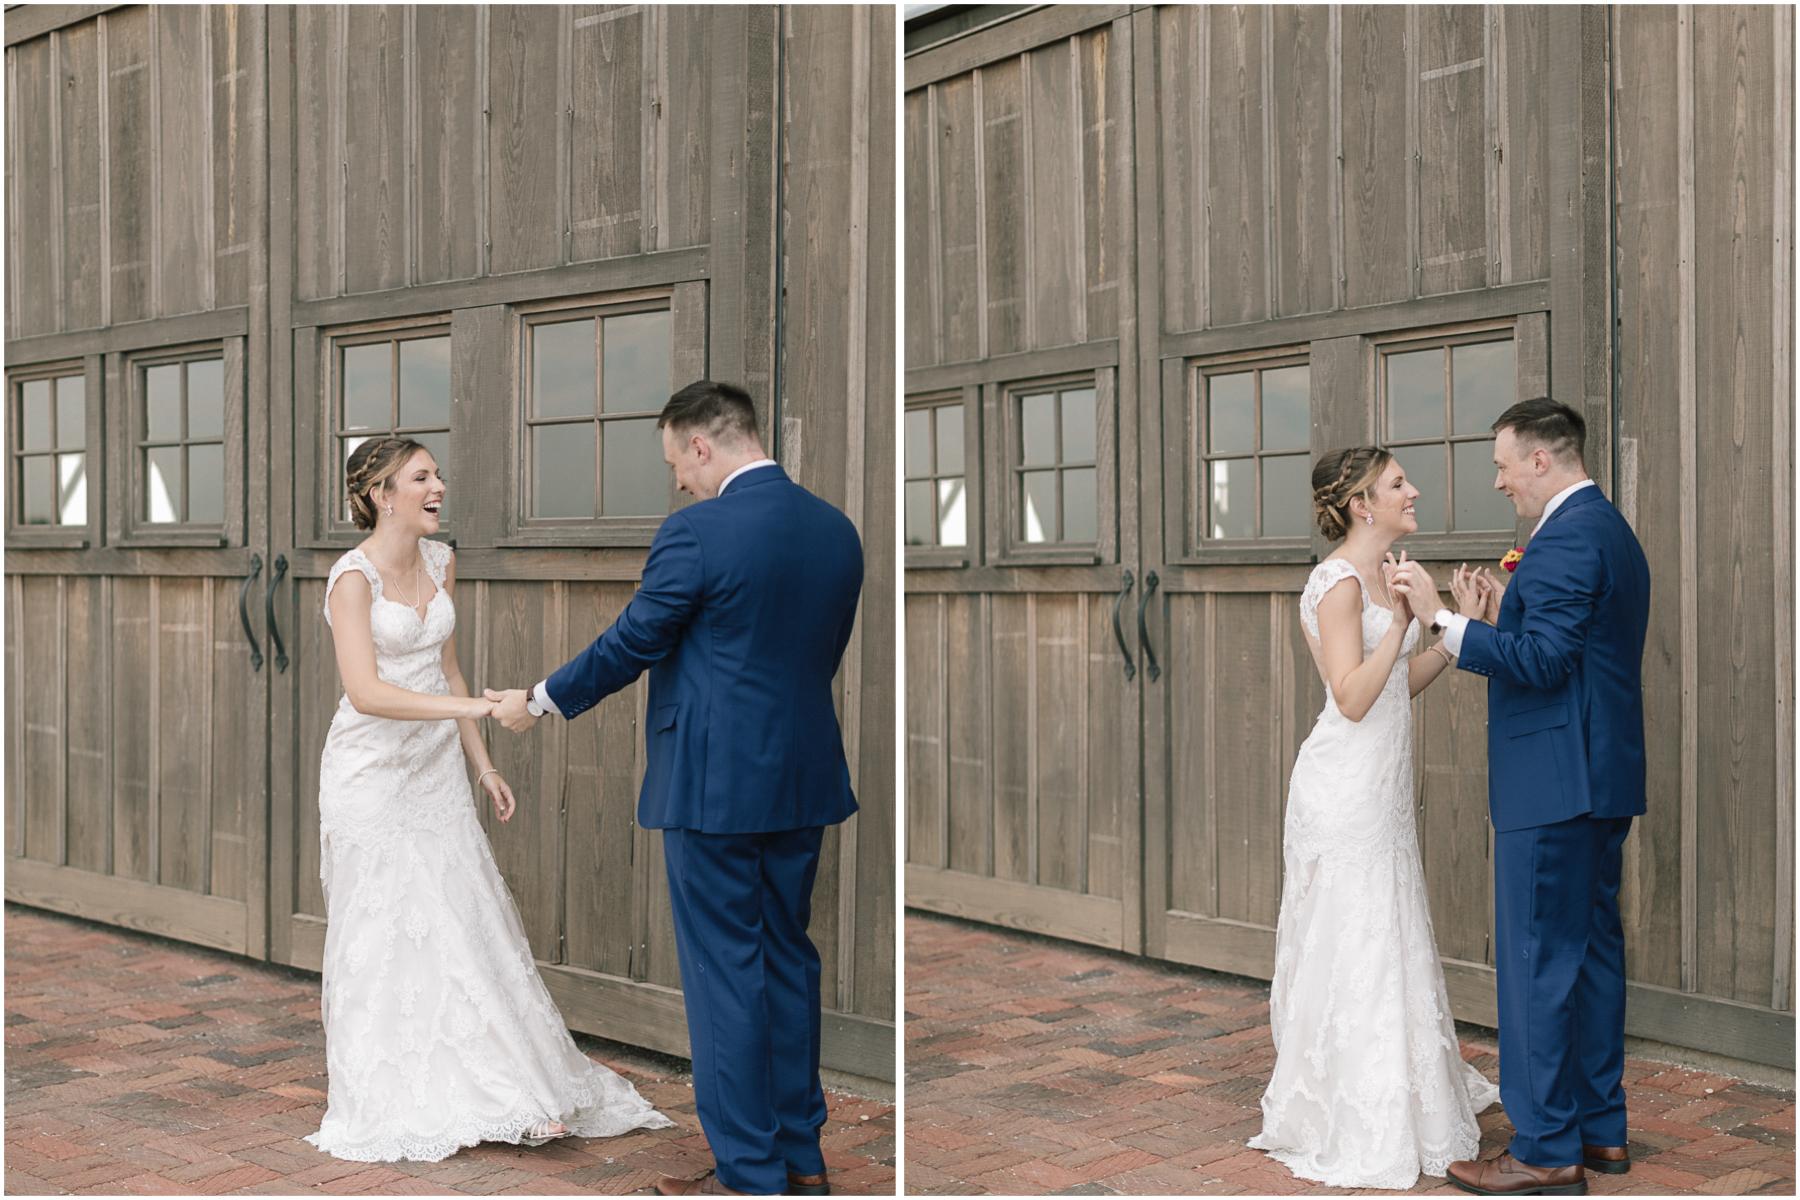 alyssa barletter photography weston missouri bright summer wedding allie and alex cole-11.jpg